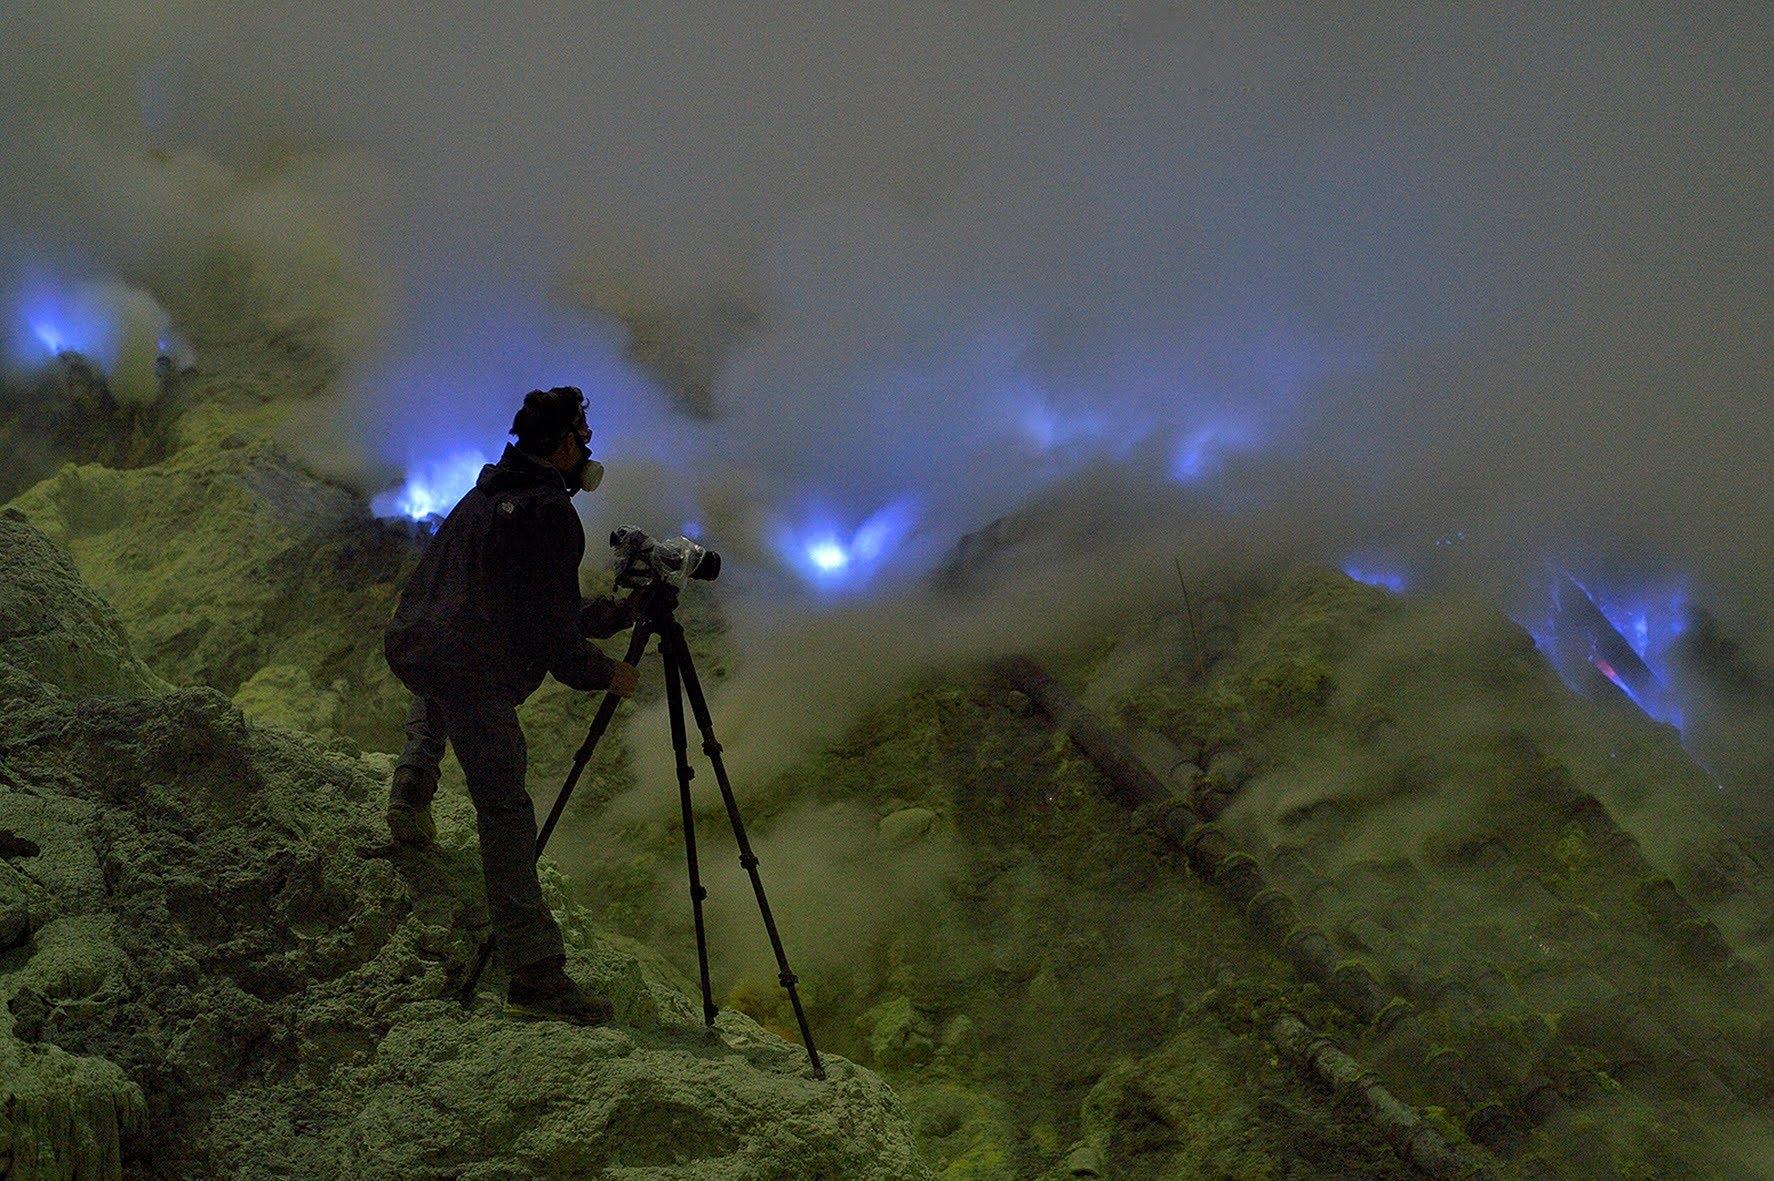 Un volcan aux flammes bleues